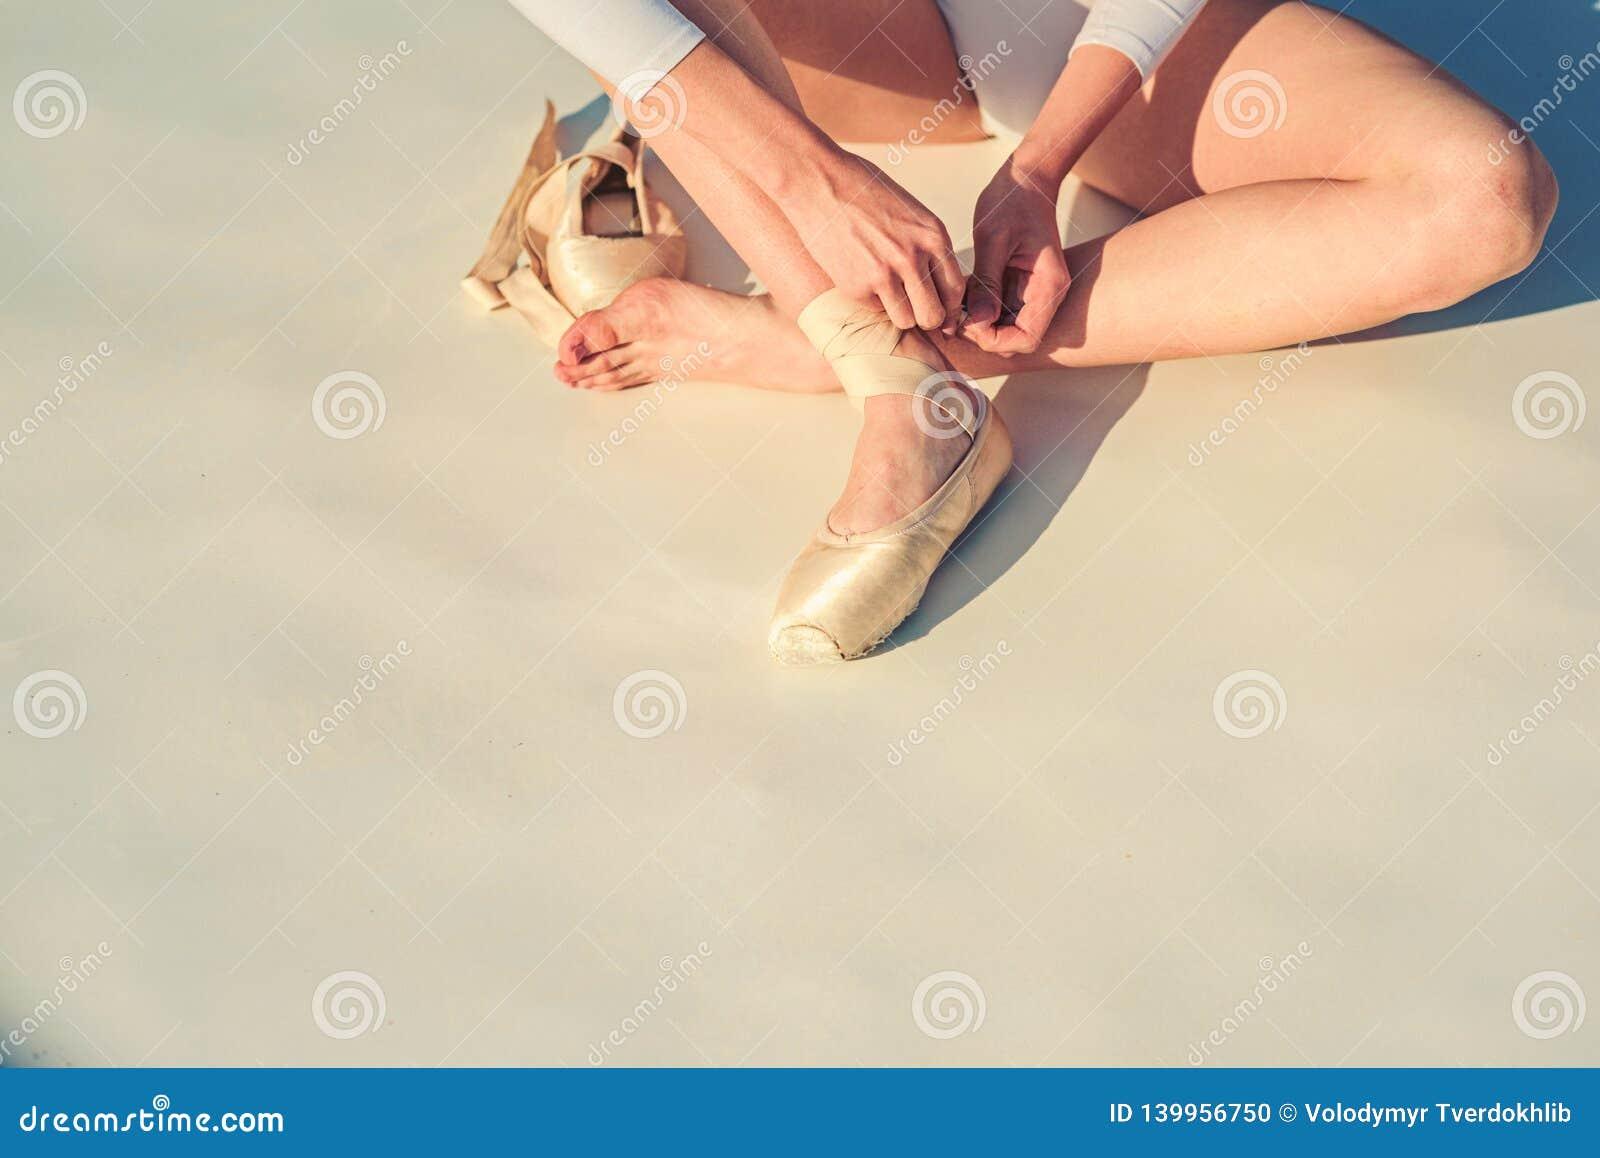 在pointe的跳舞 芭蕾舞女演员鞋子 在白色芭蕾舞鞋的芭蕾舞女演员腿 系带芭蕾拖鞋 在pointe的女性脚